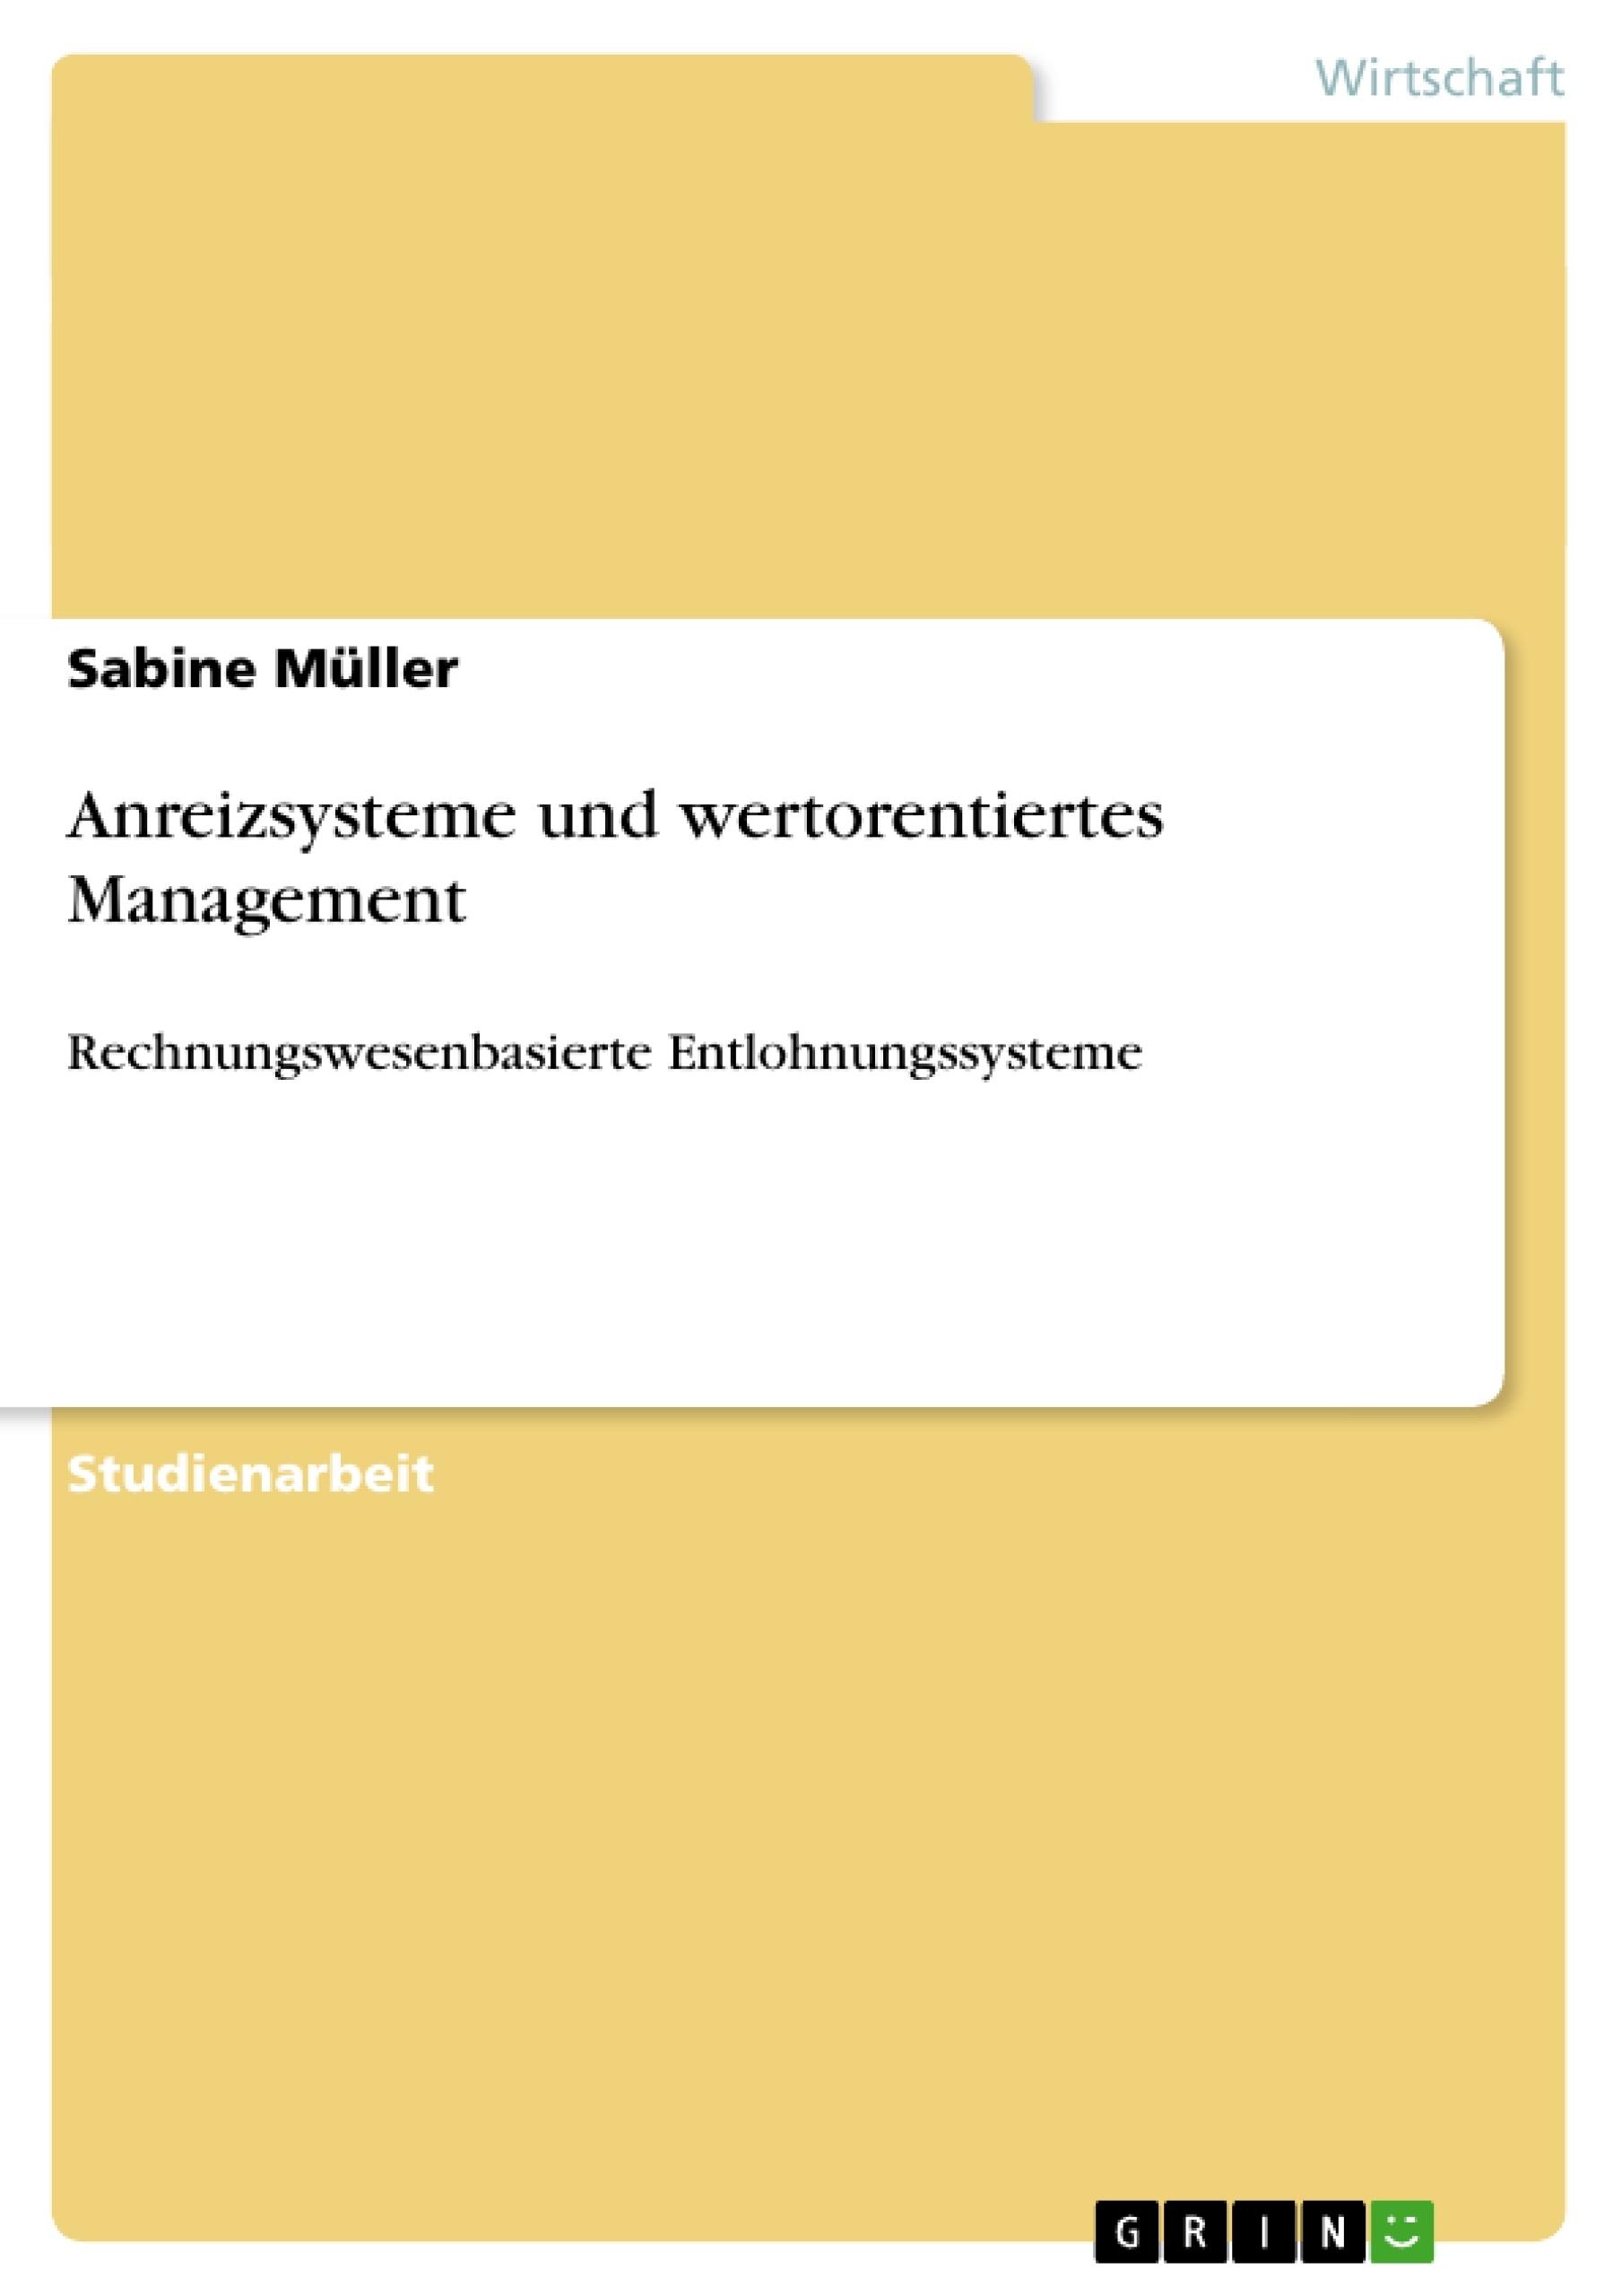 Titel: Anreizsysteme und wertorentiertes Management